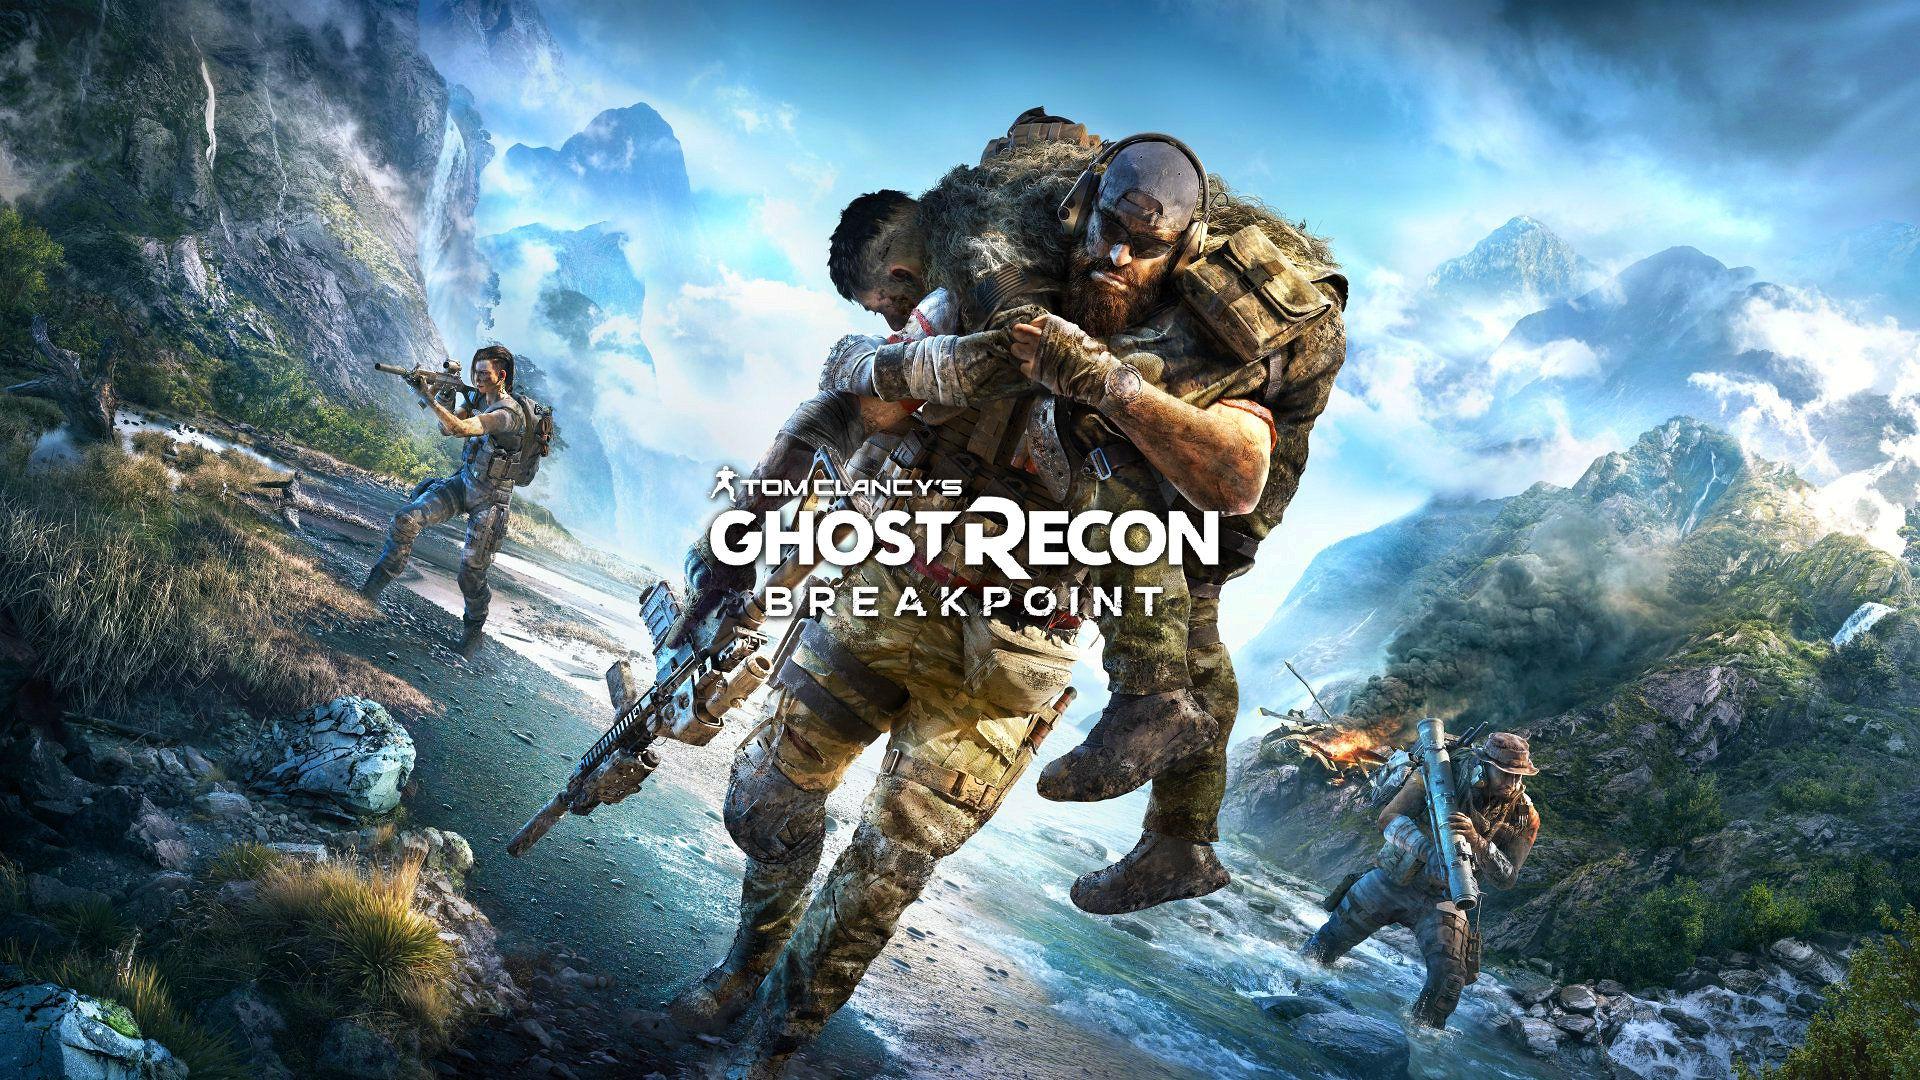 Tom Clancy's Ghost Recon Breakpoint İncelemesi, Minimum ve Önerilen Sistem Gereksinimleri